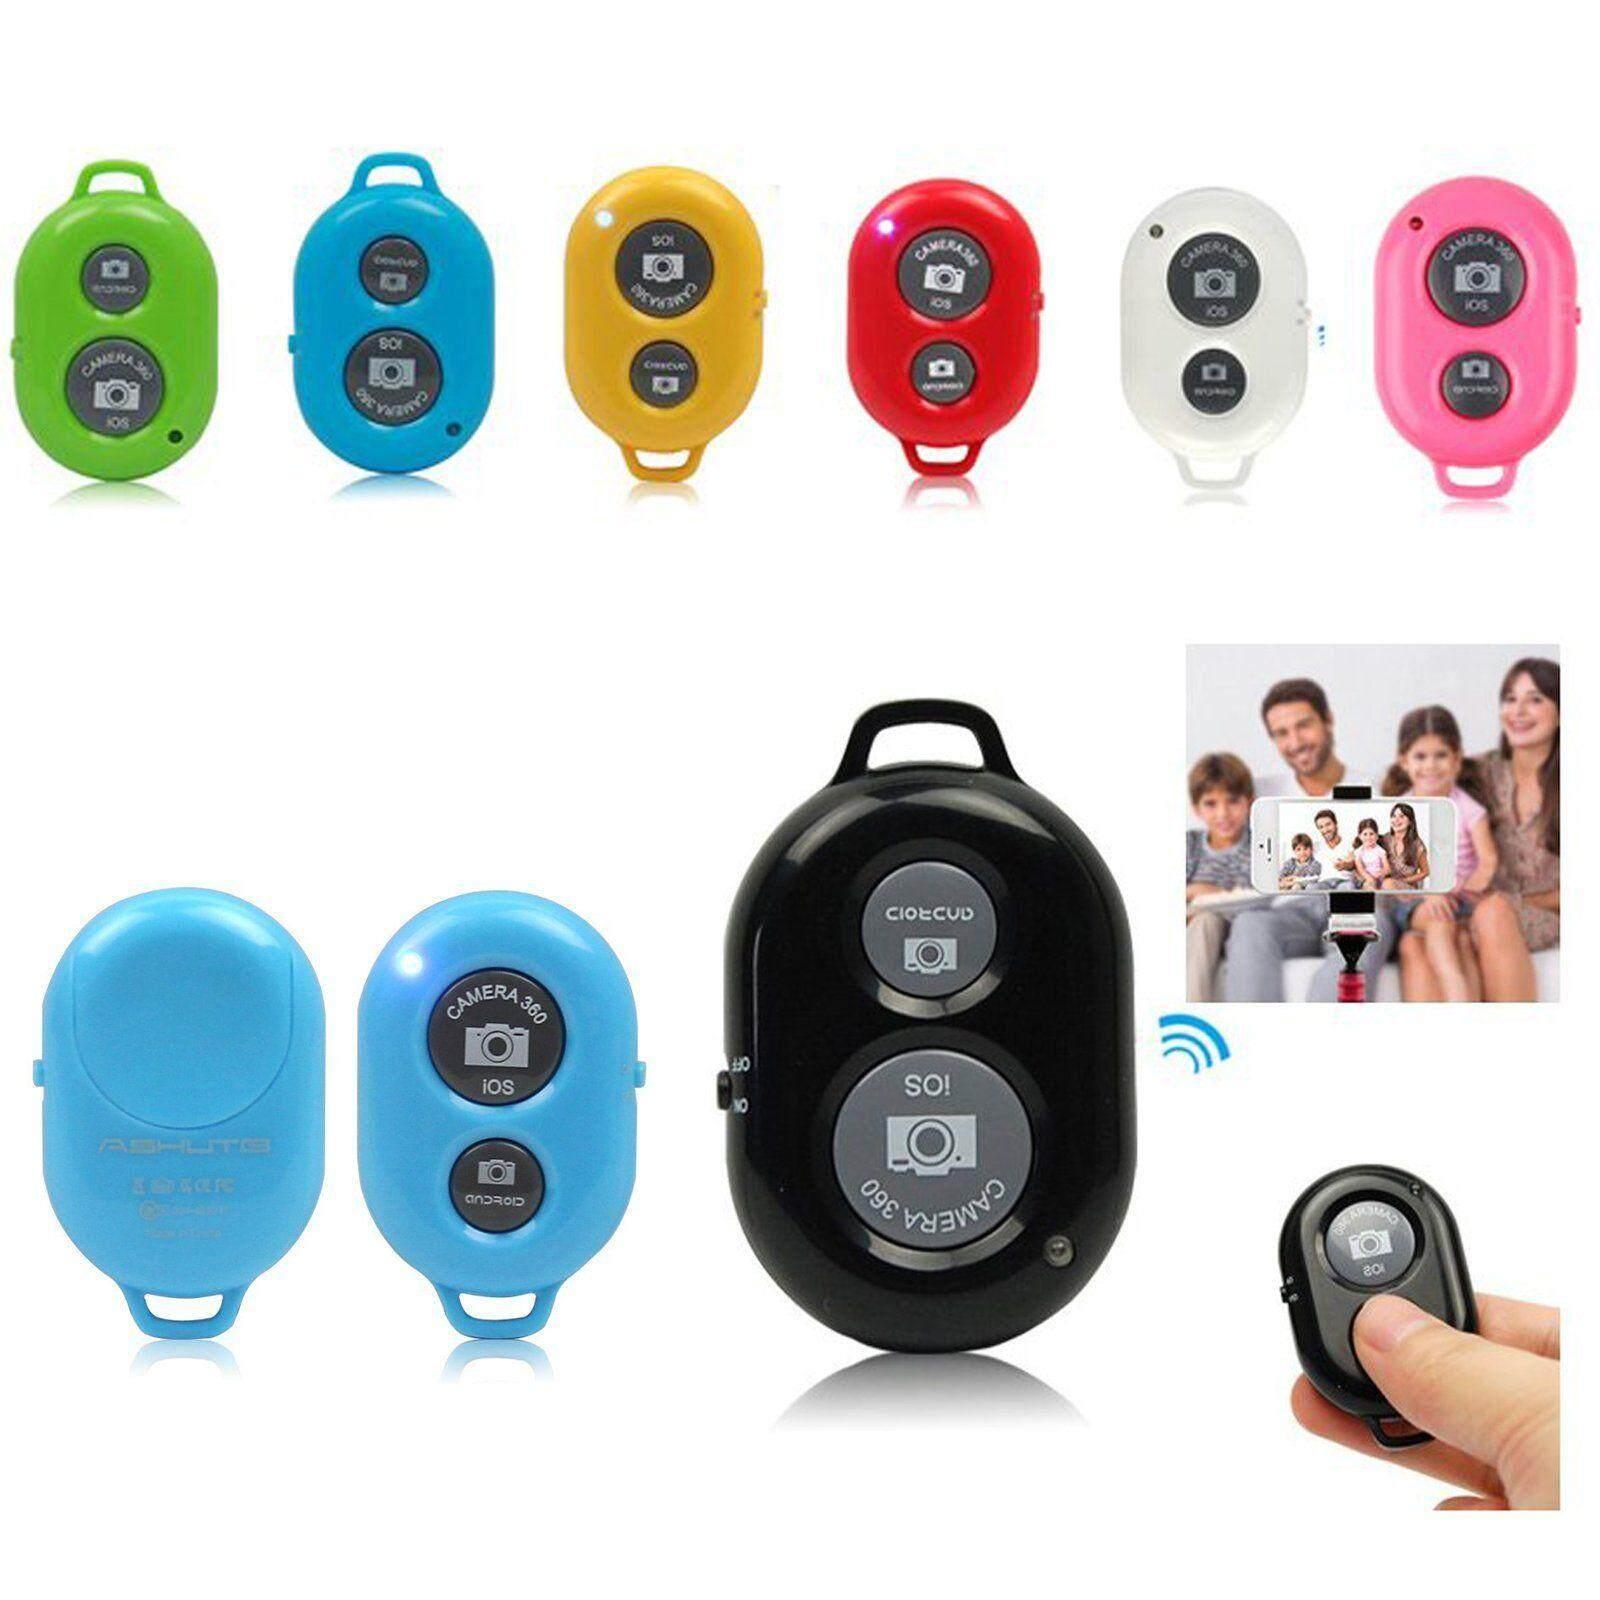 Bluetooth Remote Shutter รีโมทถ่ายรูปไร้สาย.